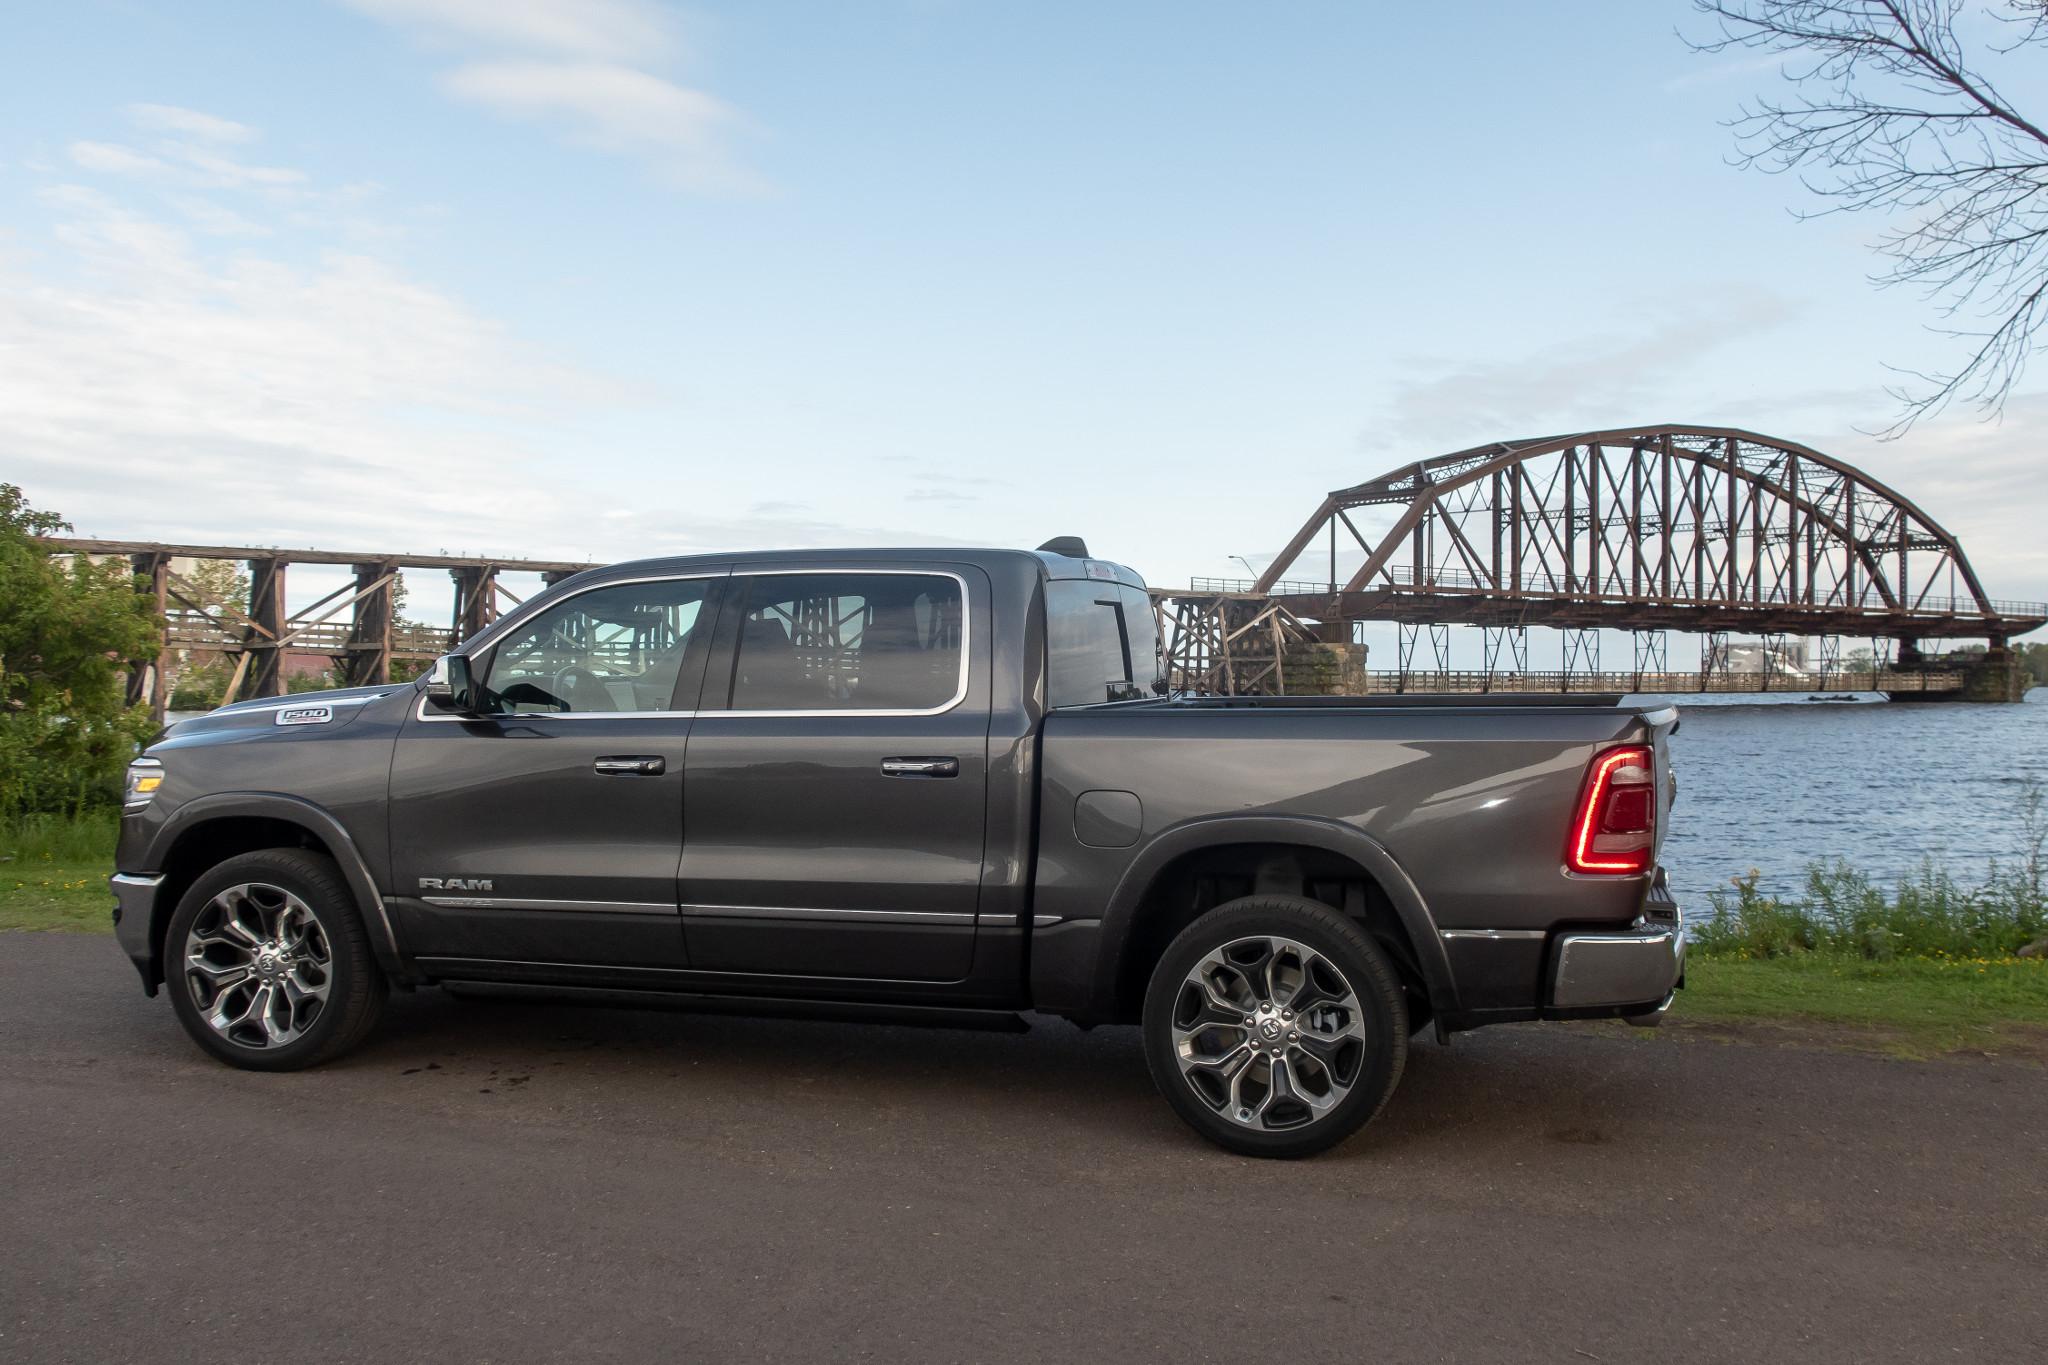 The Week in Pickup Truck News: 2020 Ram EcoDiesel MPG, Ford